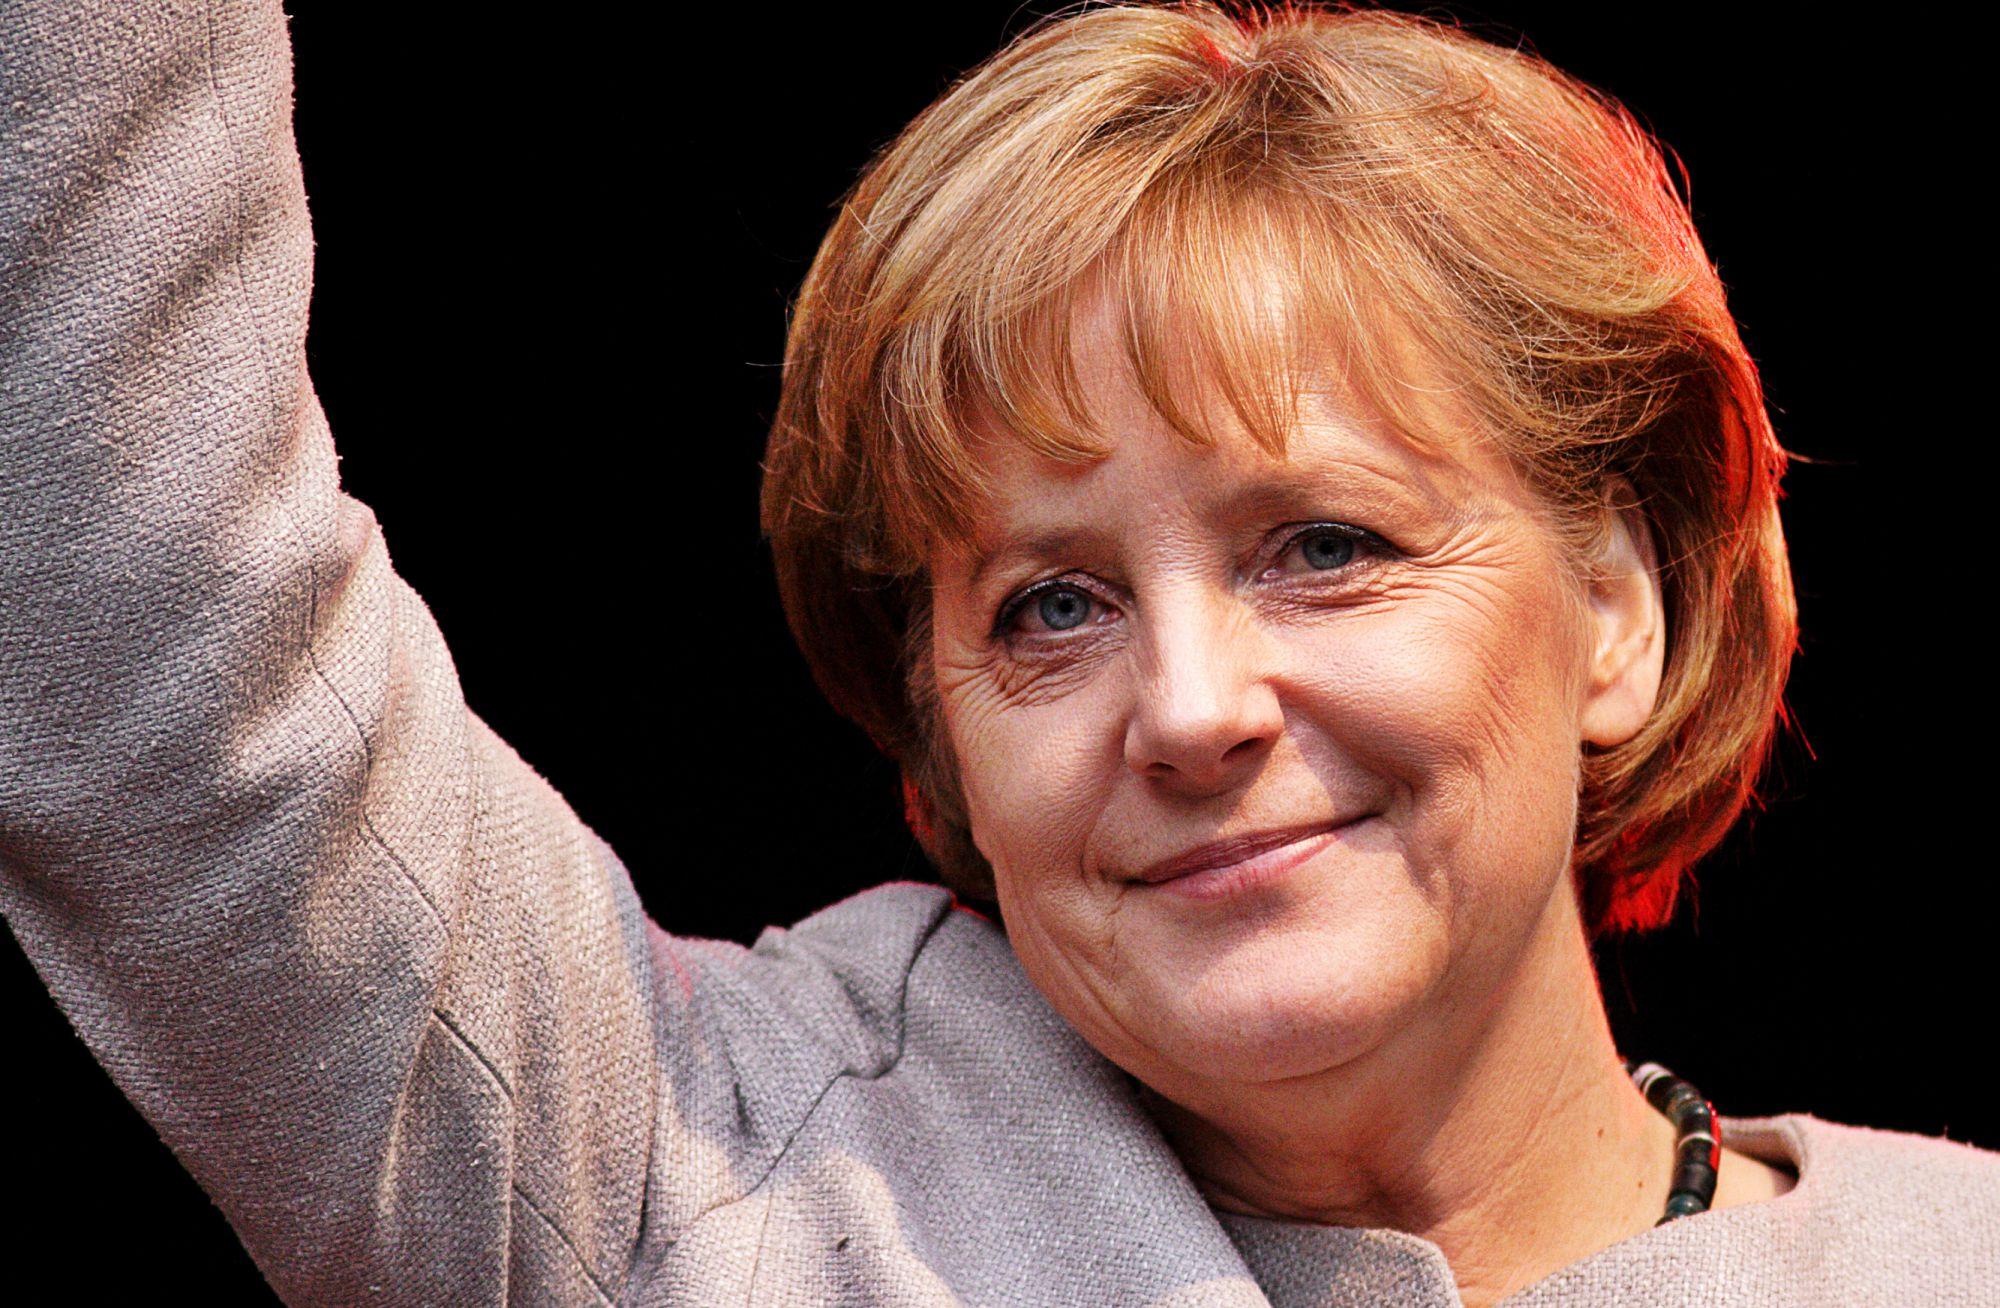 Kluczowy moment dla Merkel. Zadali jej pytanie, na które czekano od dawna